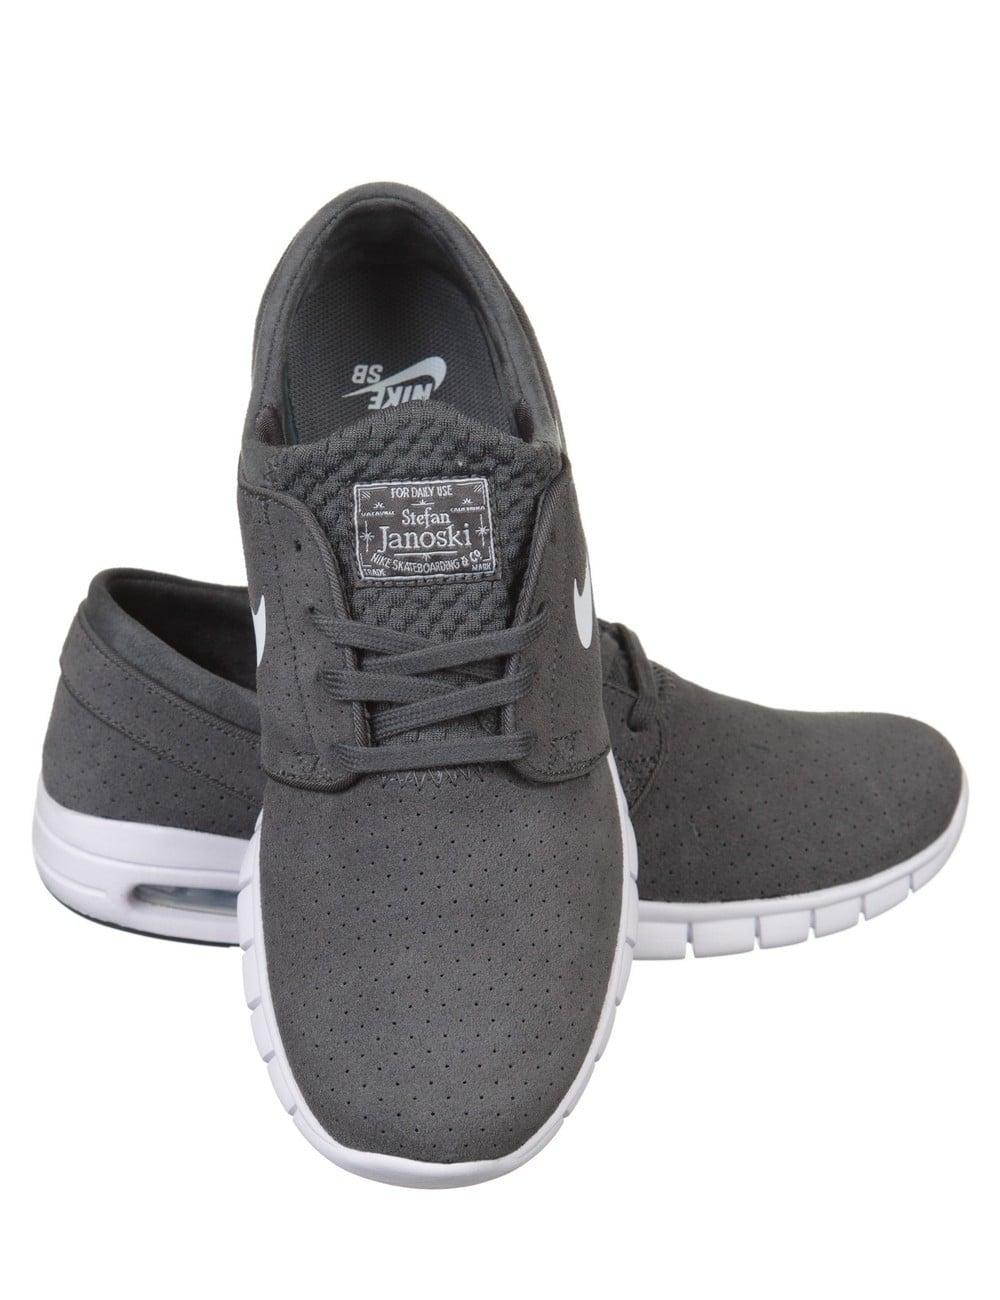 Stefan Janoski Max L Shoe - Dark Grey/White